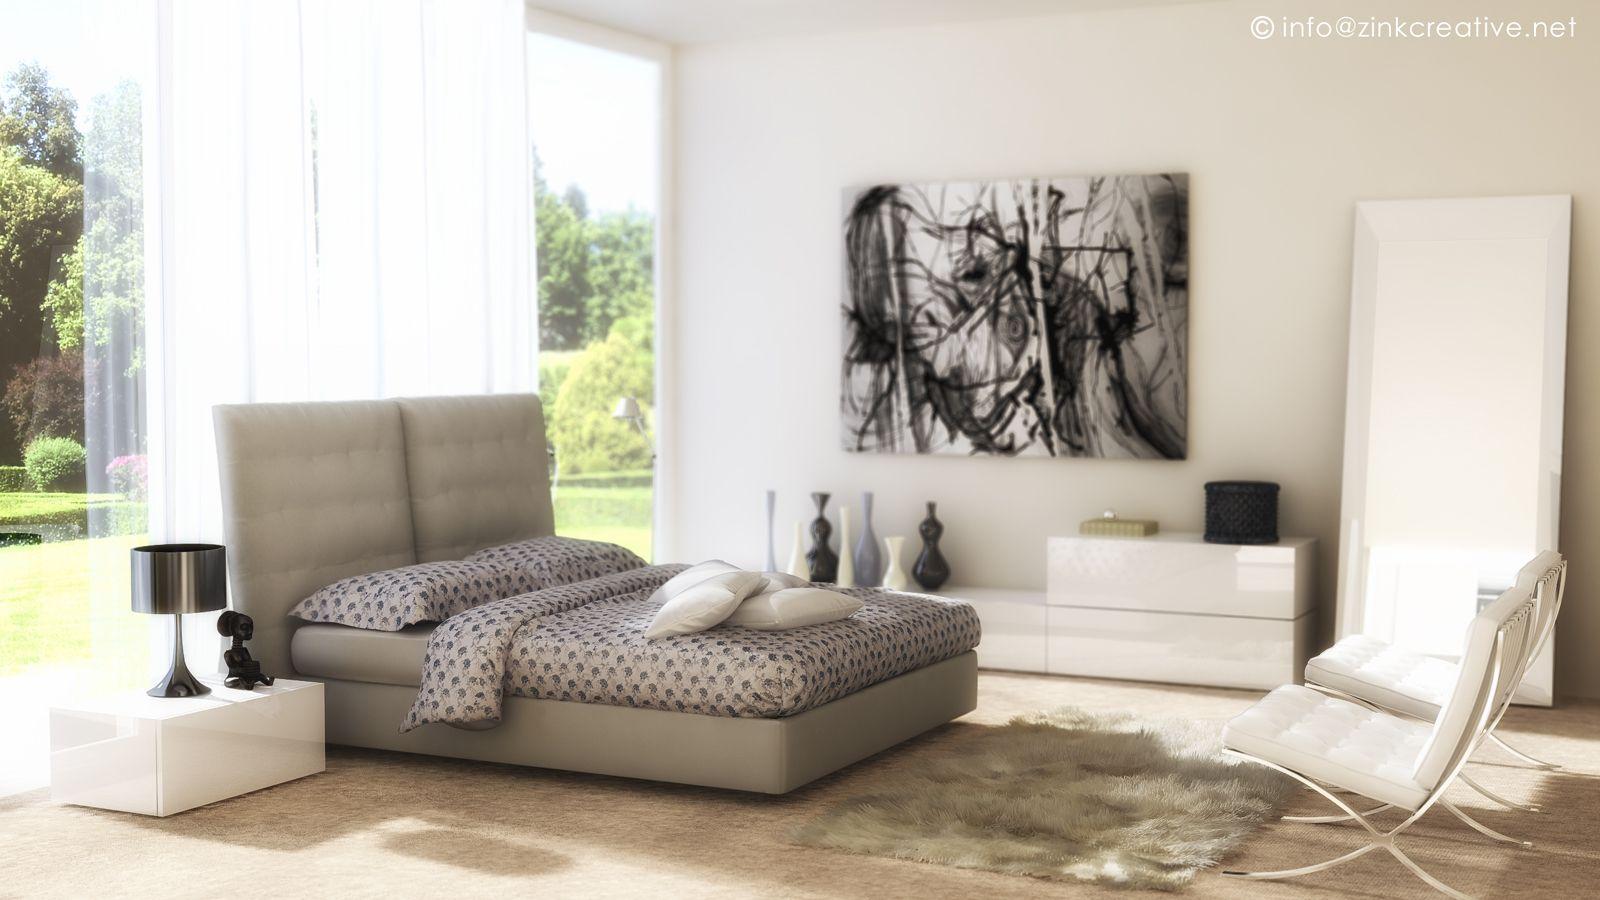 Bedroom, credits: Zink Creative Studio